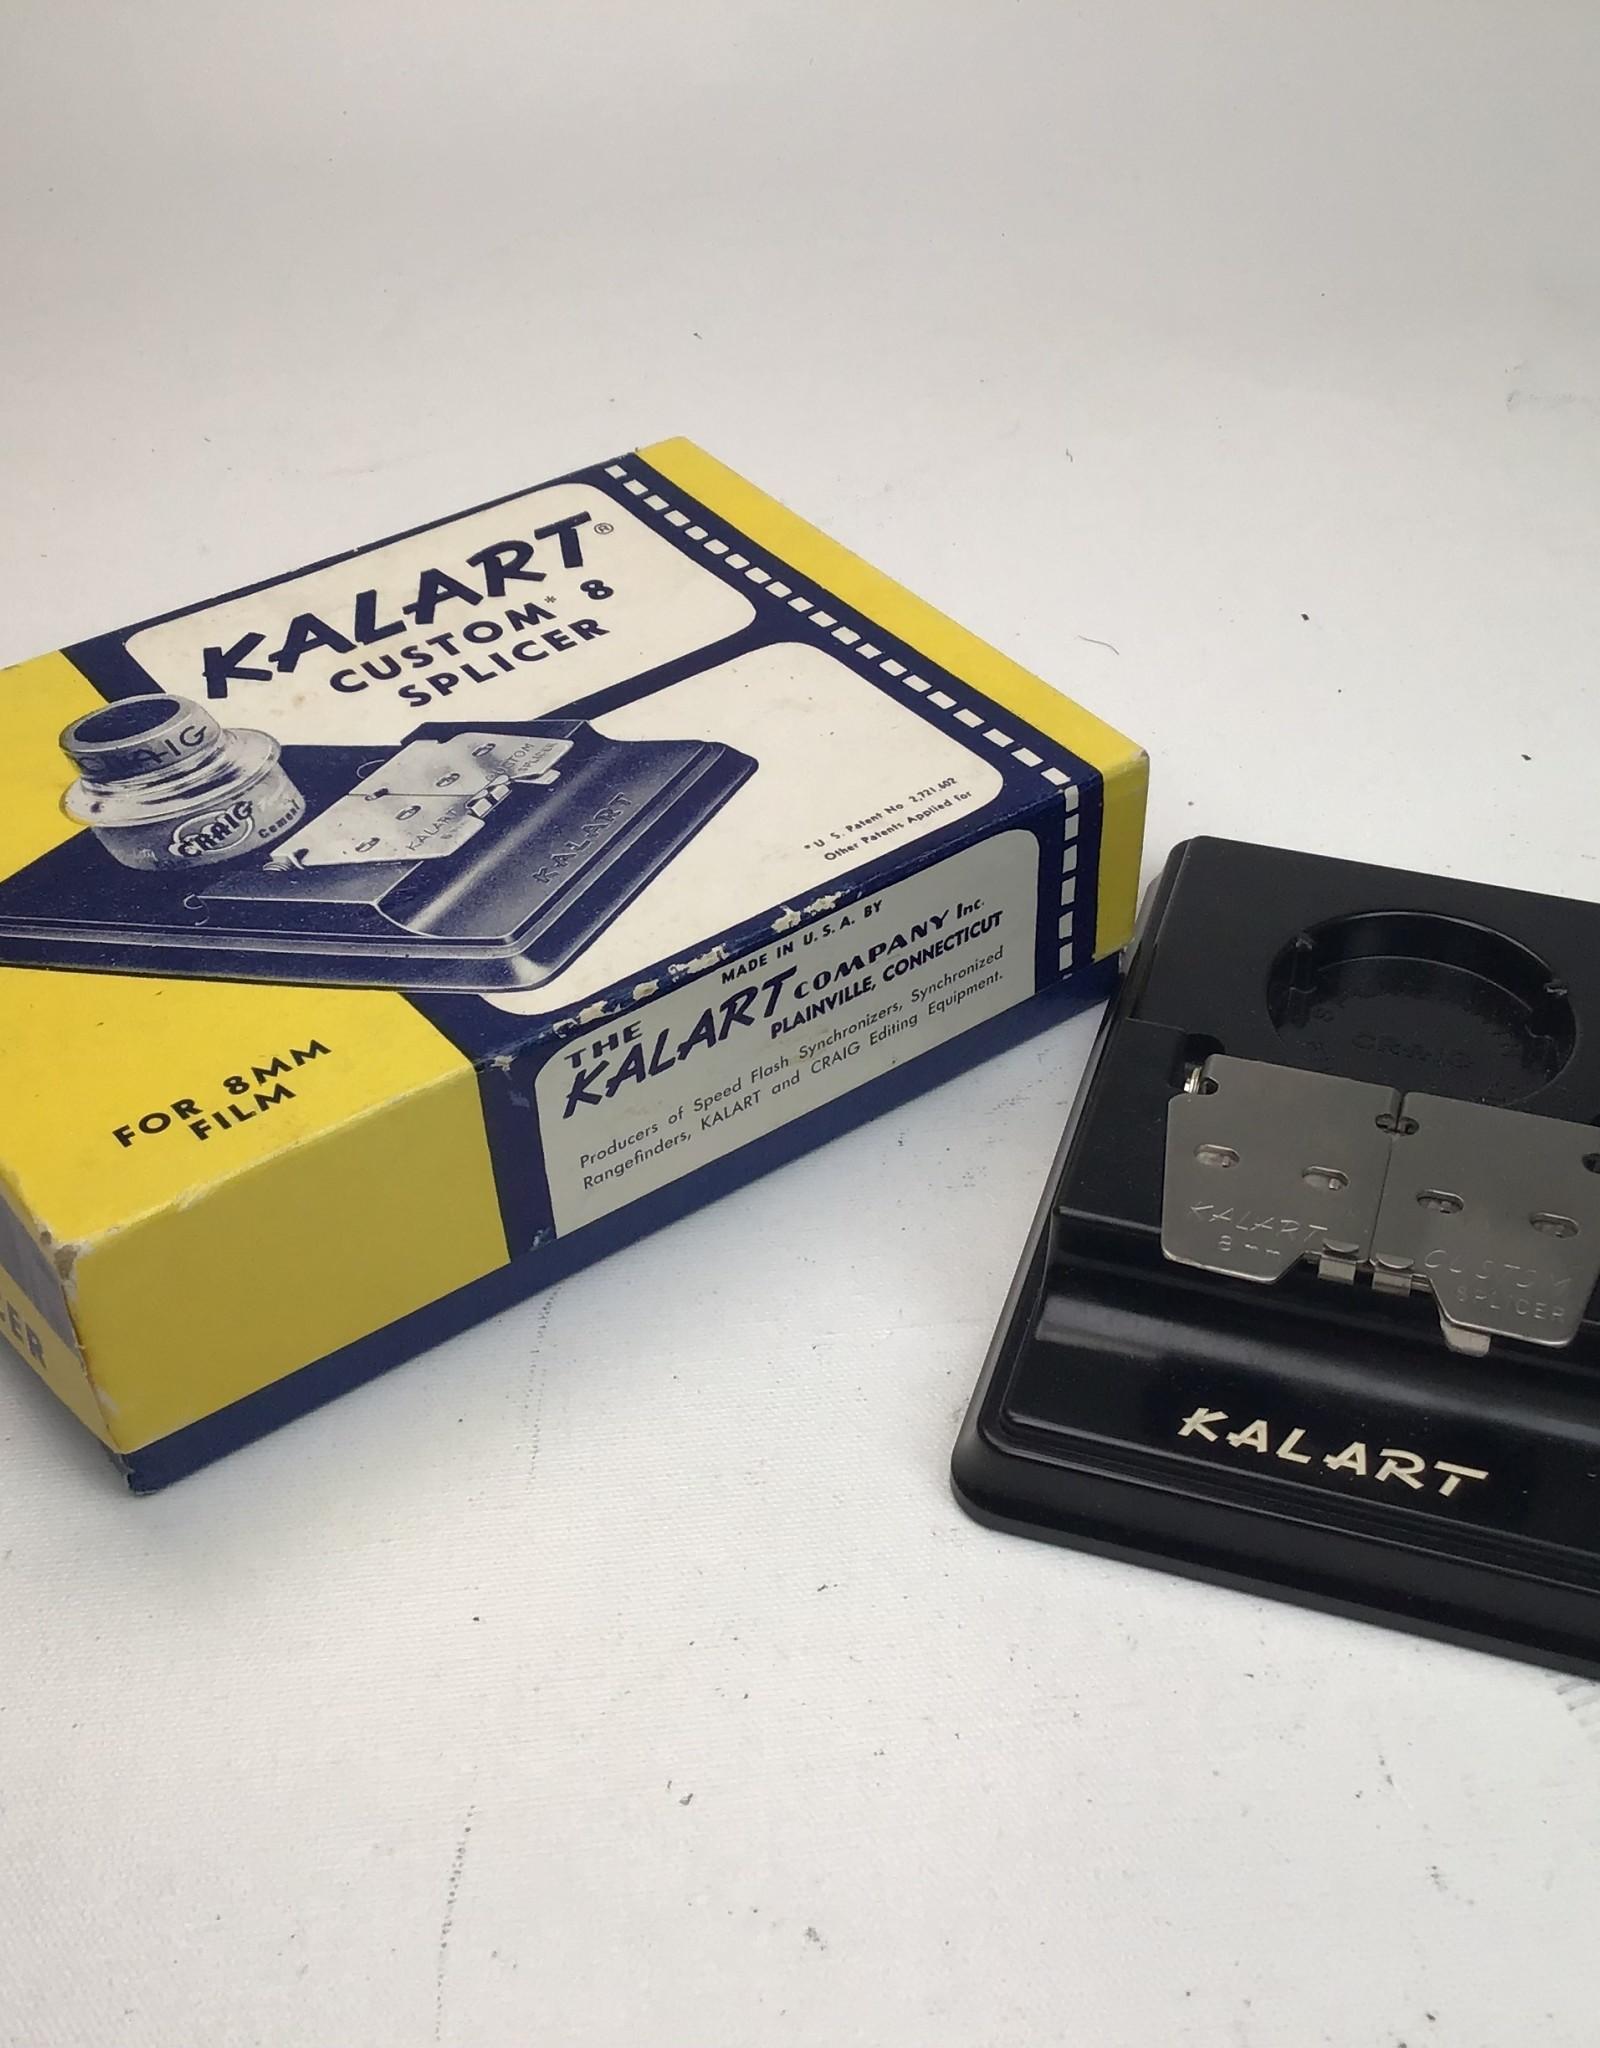 Kalart 8mm Film Splicer in Box Used EX